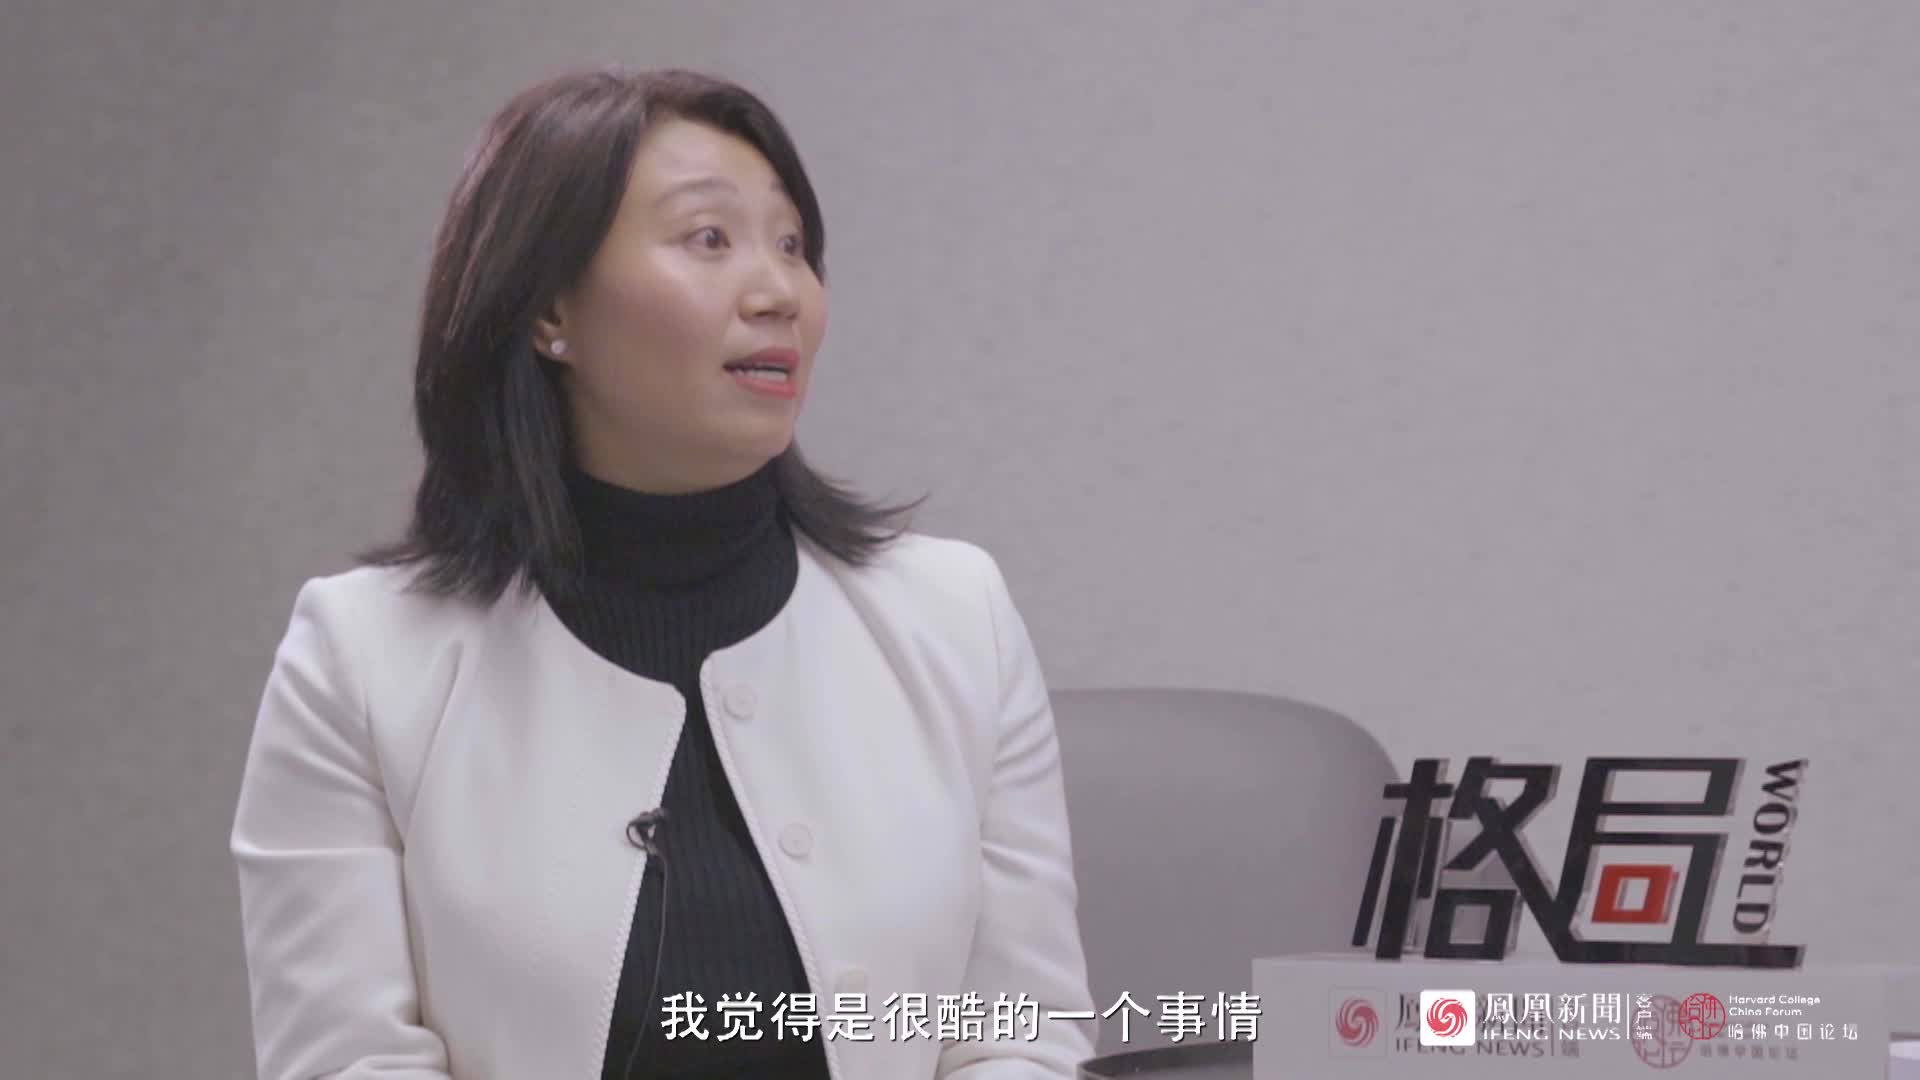 杨乐:《延禧攻略》热播后,故宫延禧宫开始重新修复